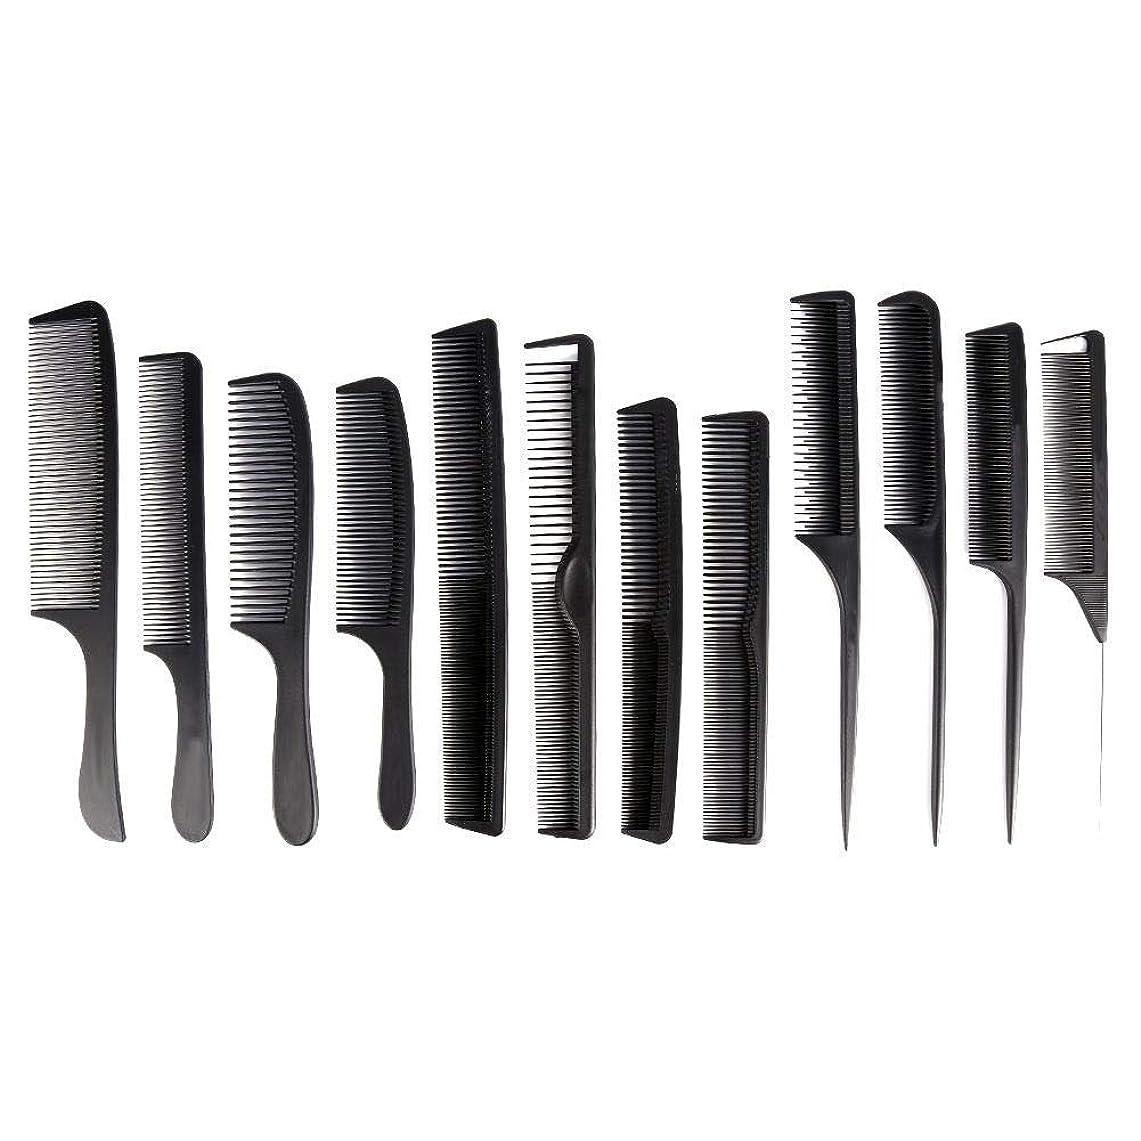 遅れ鋭くコンピューターヘアーコーム、プロフェッショナル12ピース新しいファッションサロン黒美容カットスタイリング理髪スタイリストツールセット